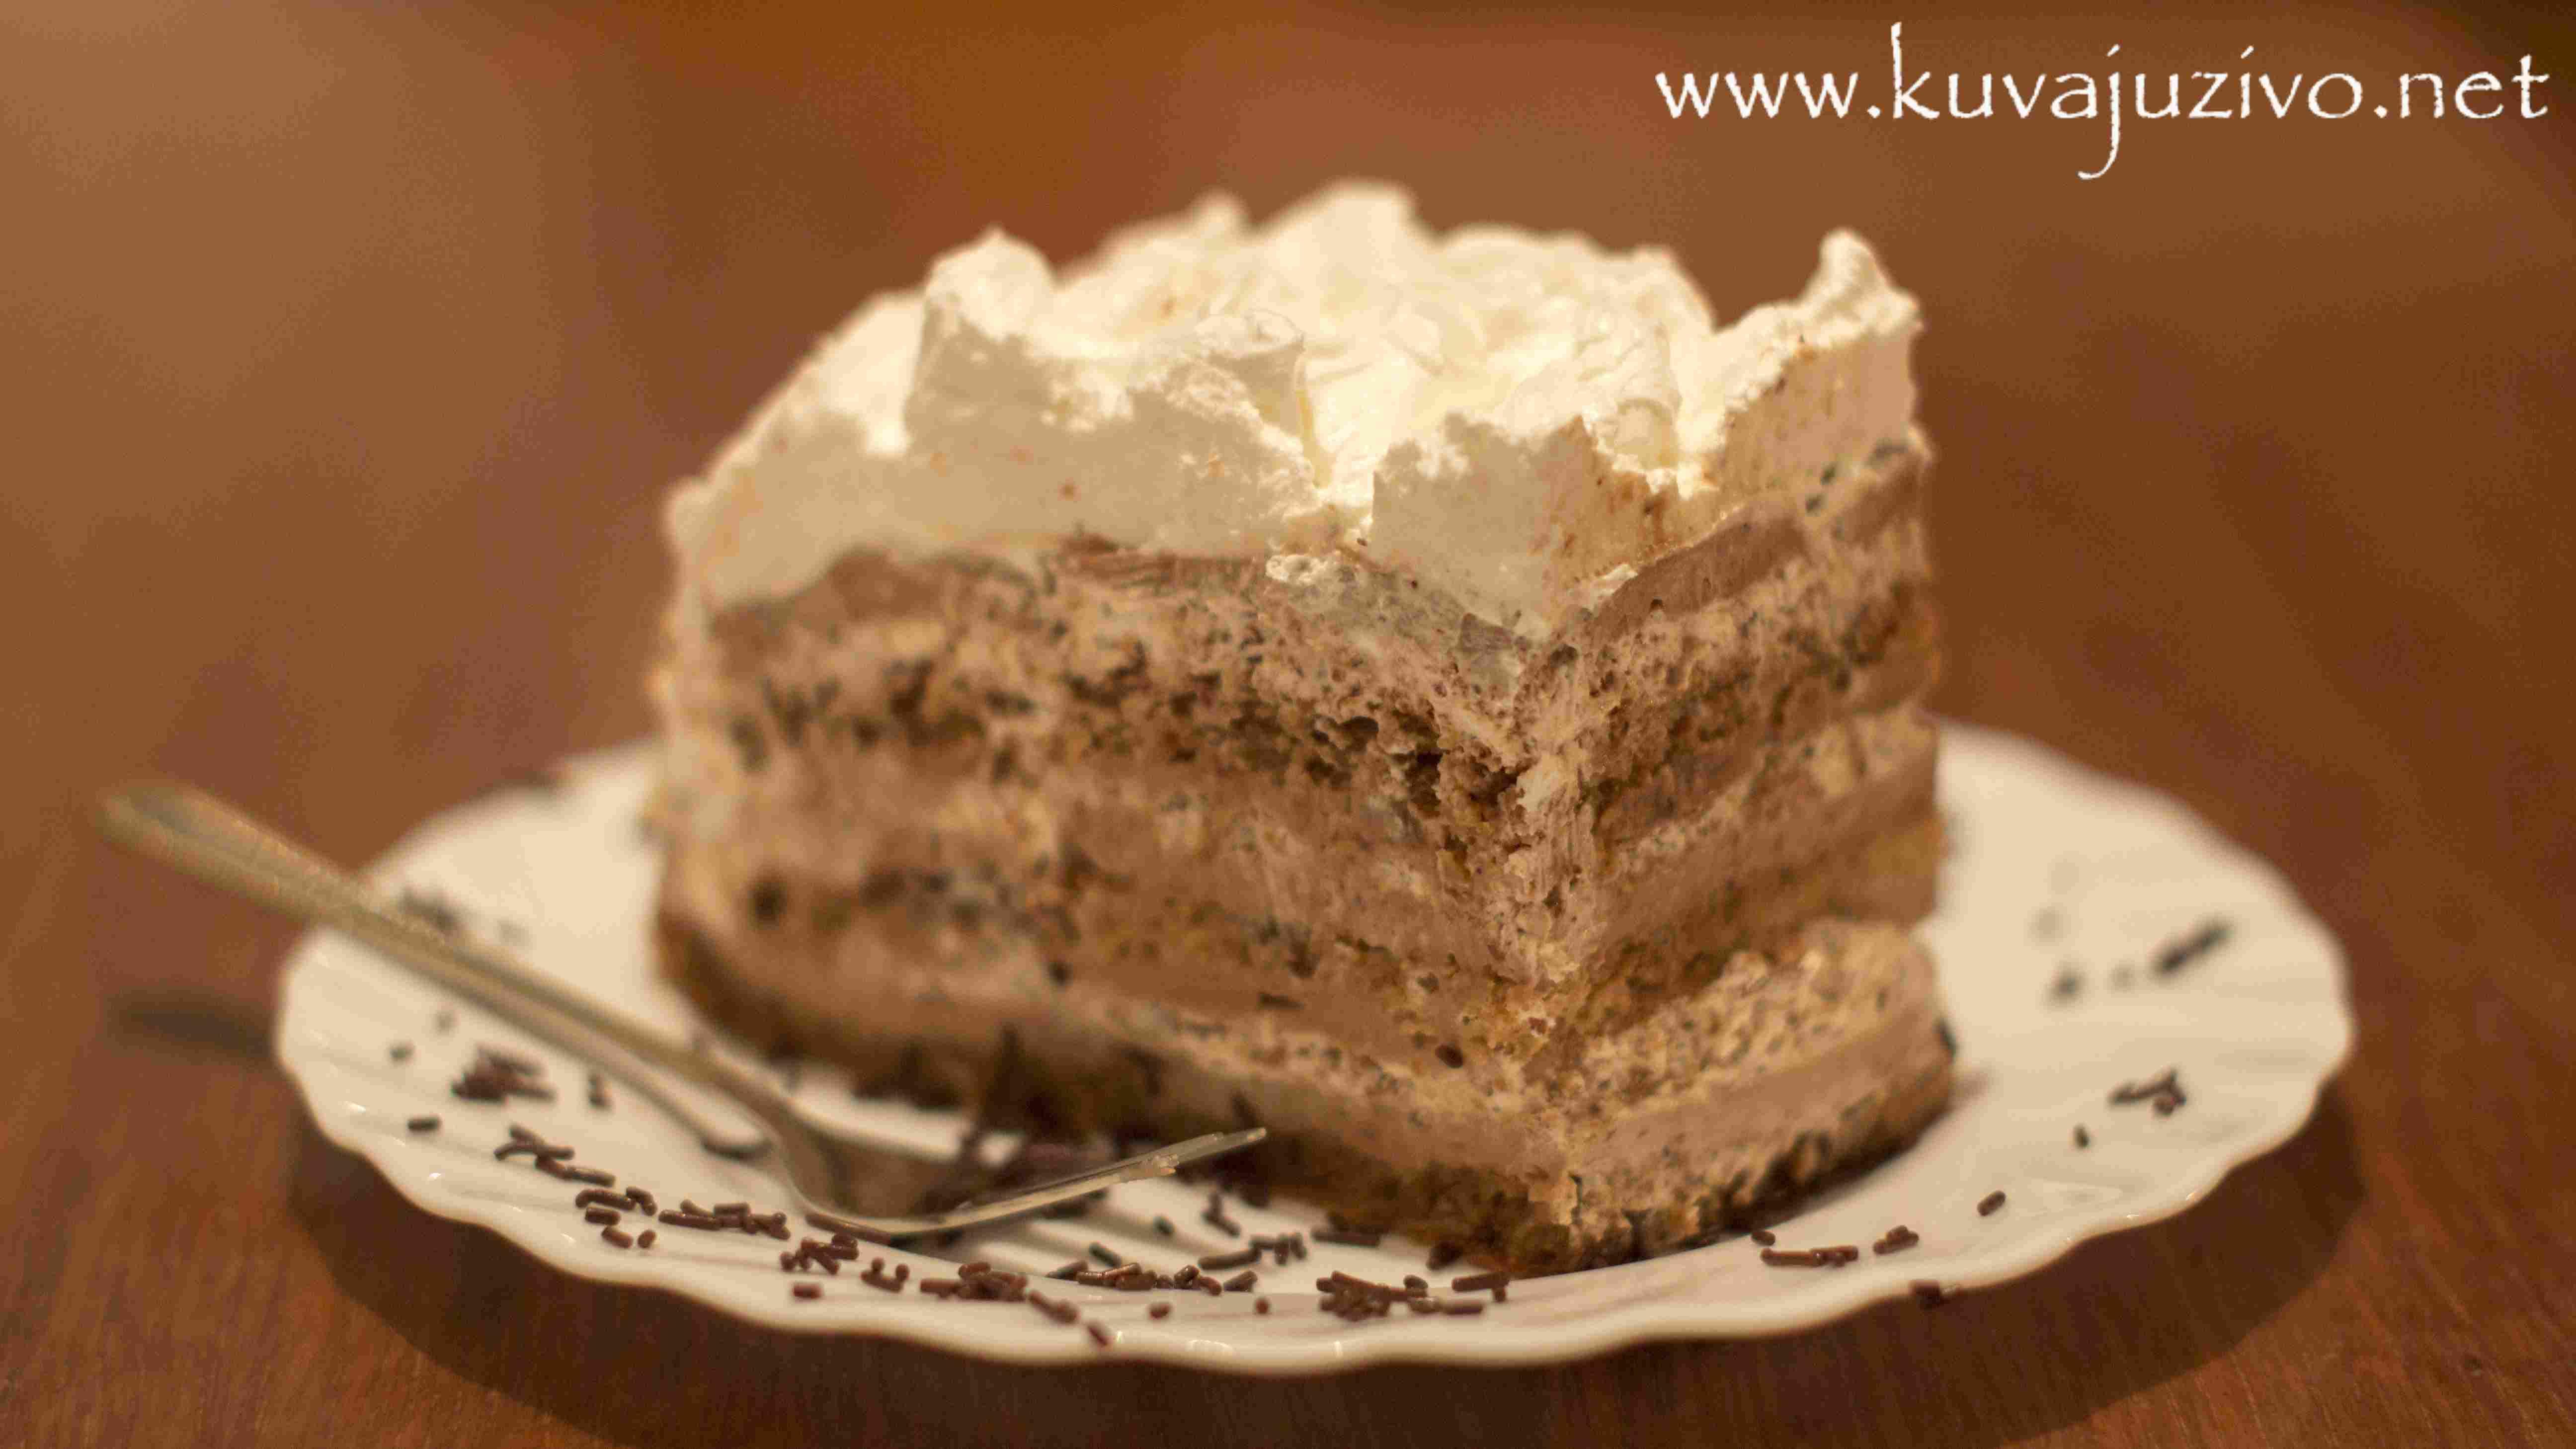 Torta kapućino